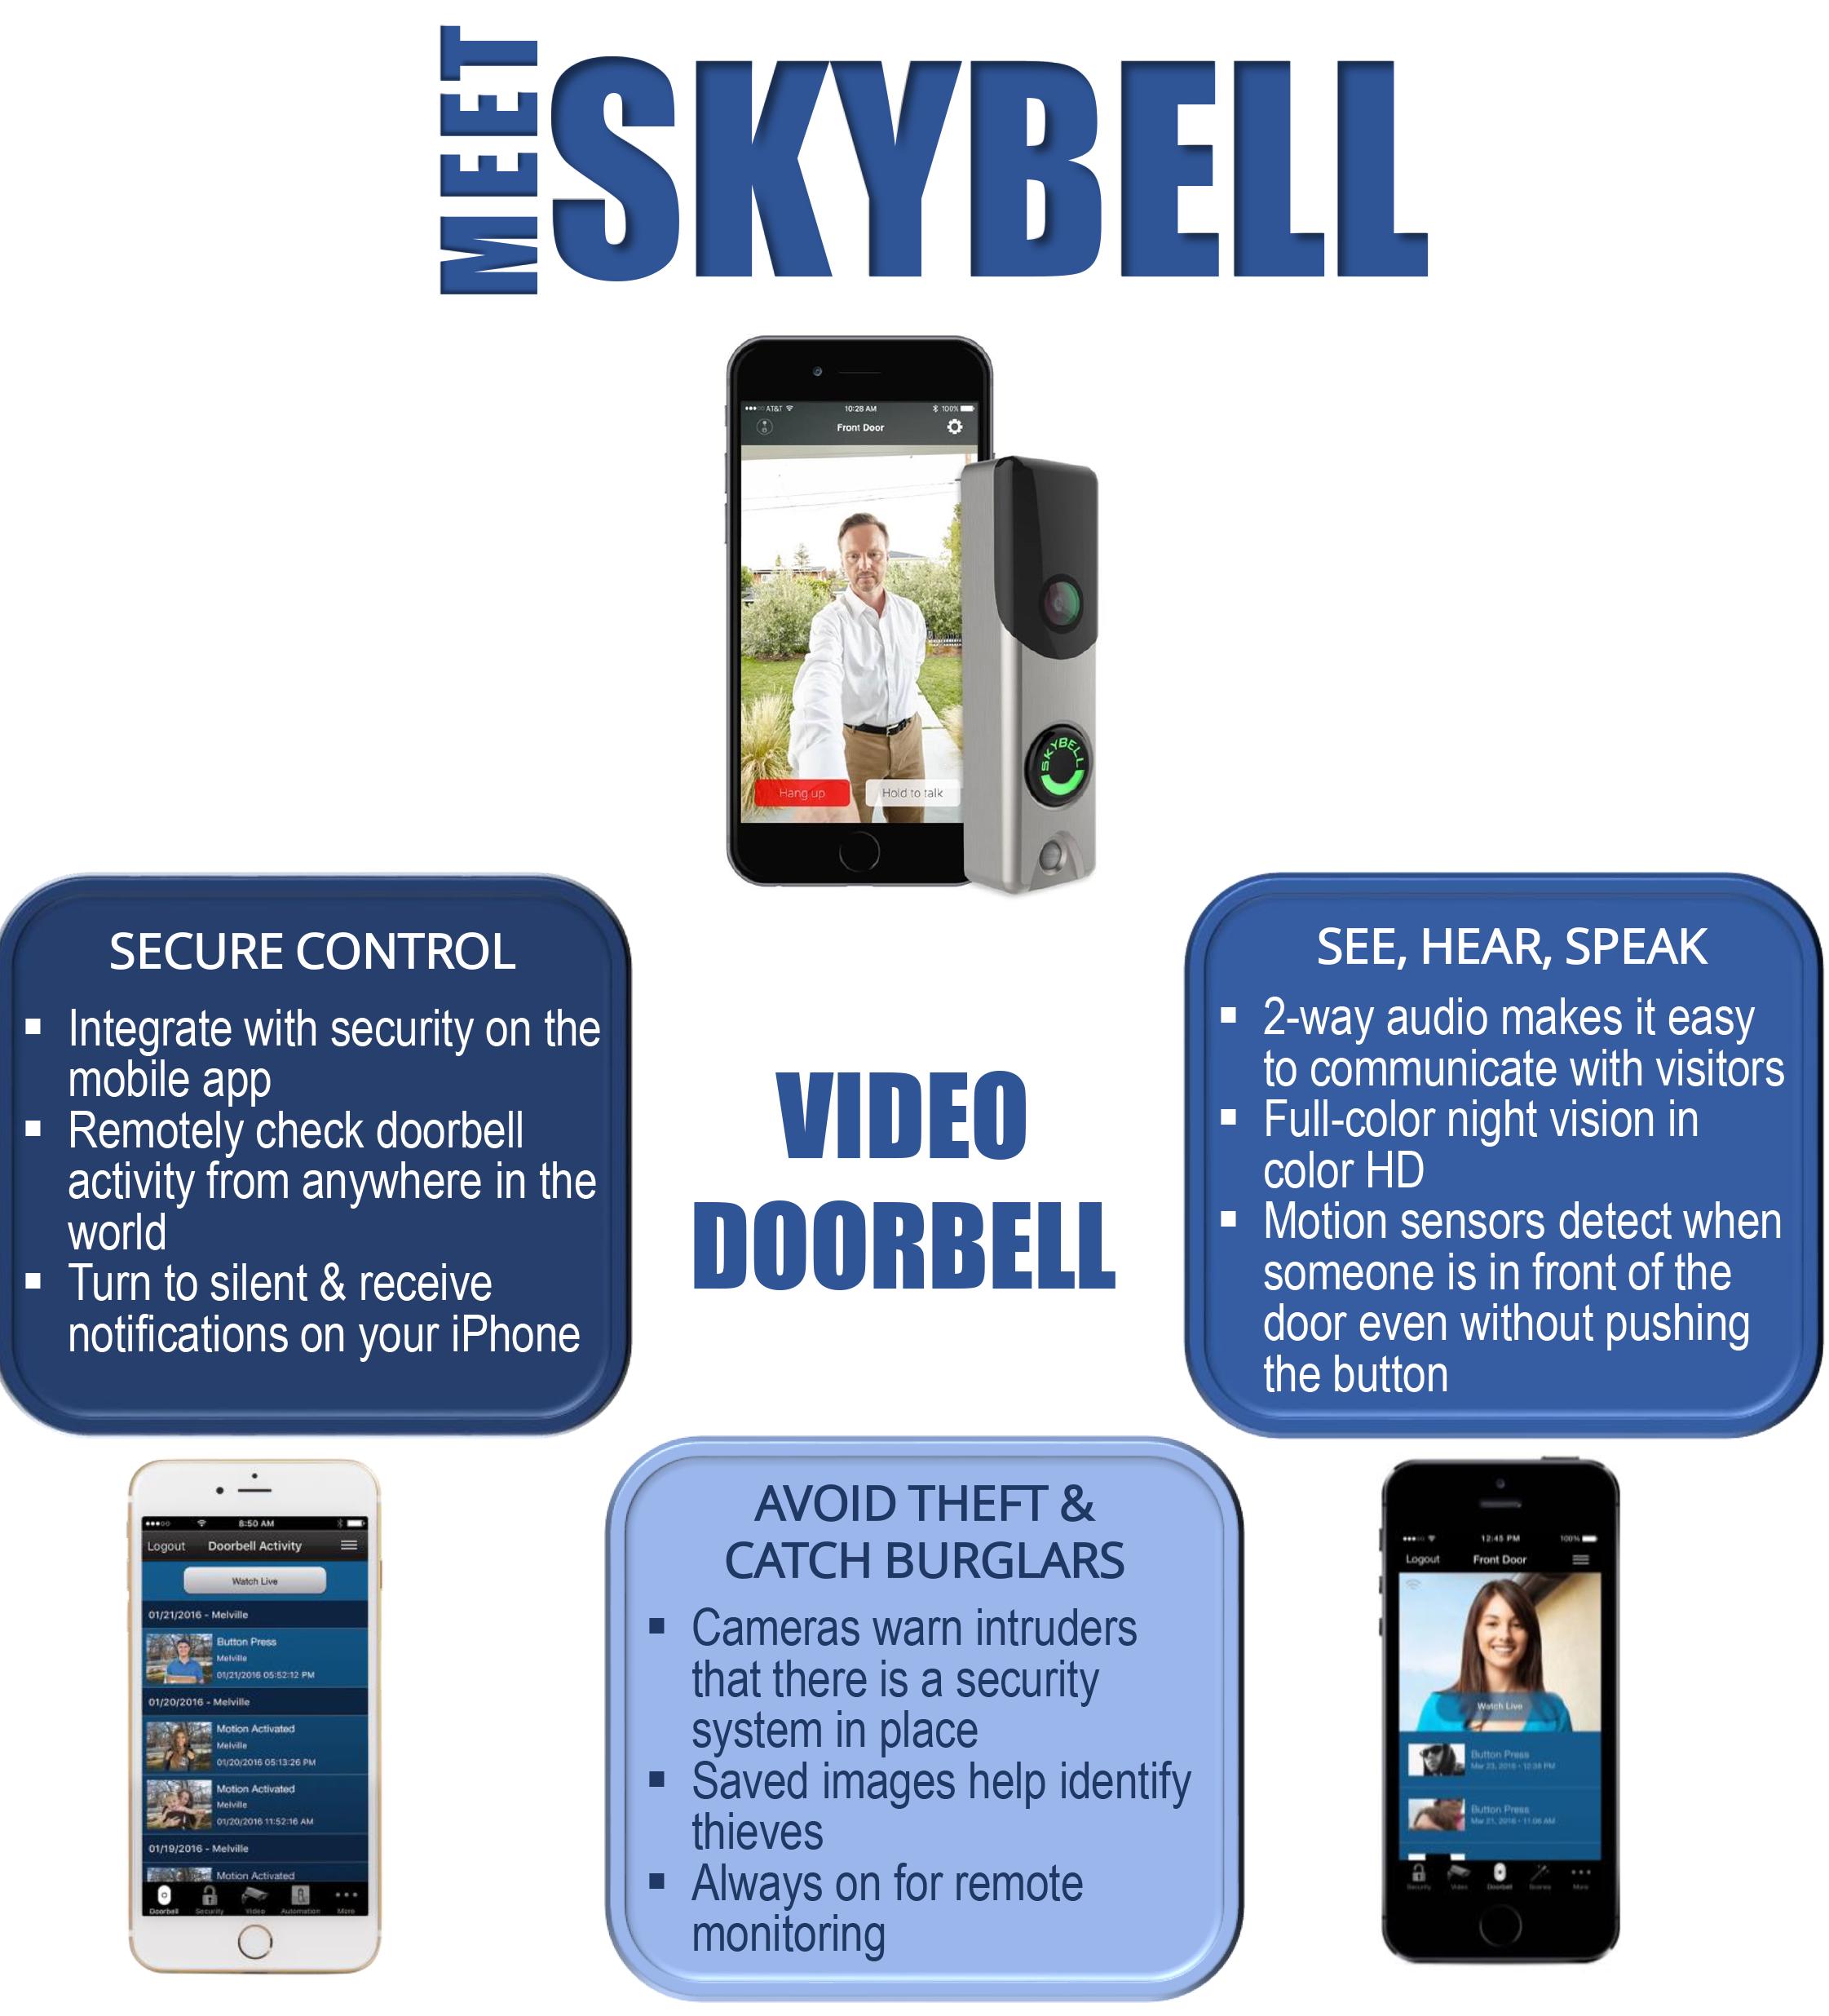 Meet SkyBell Video Doorbell